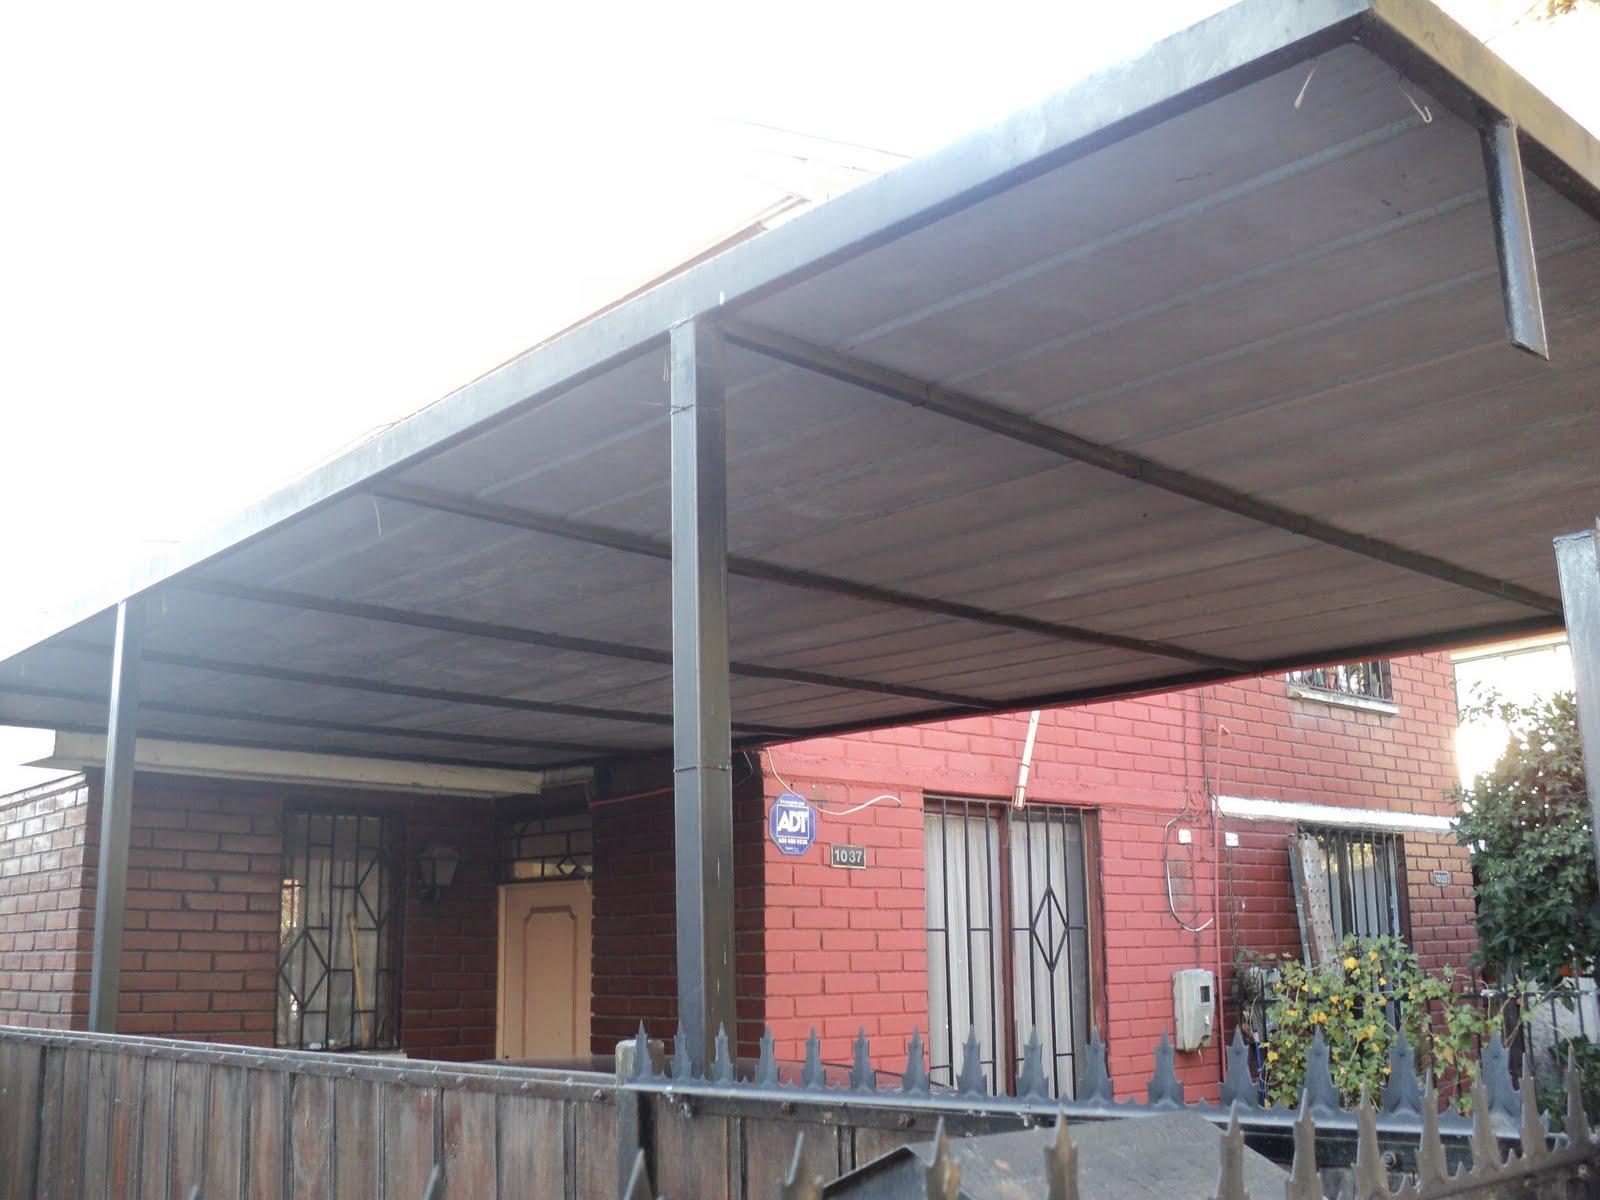 Maurometal rejas y cobertizos for Cobertizo de metal